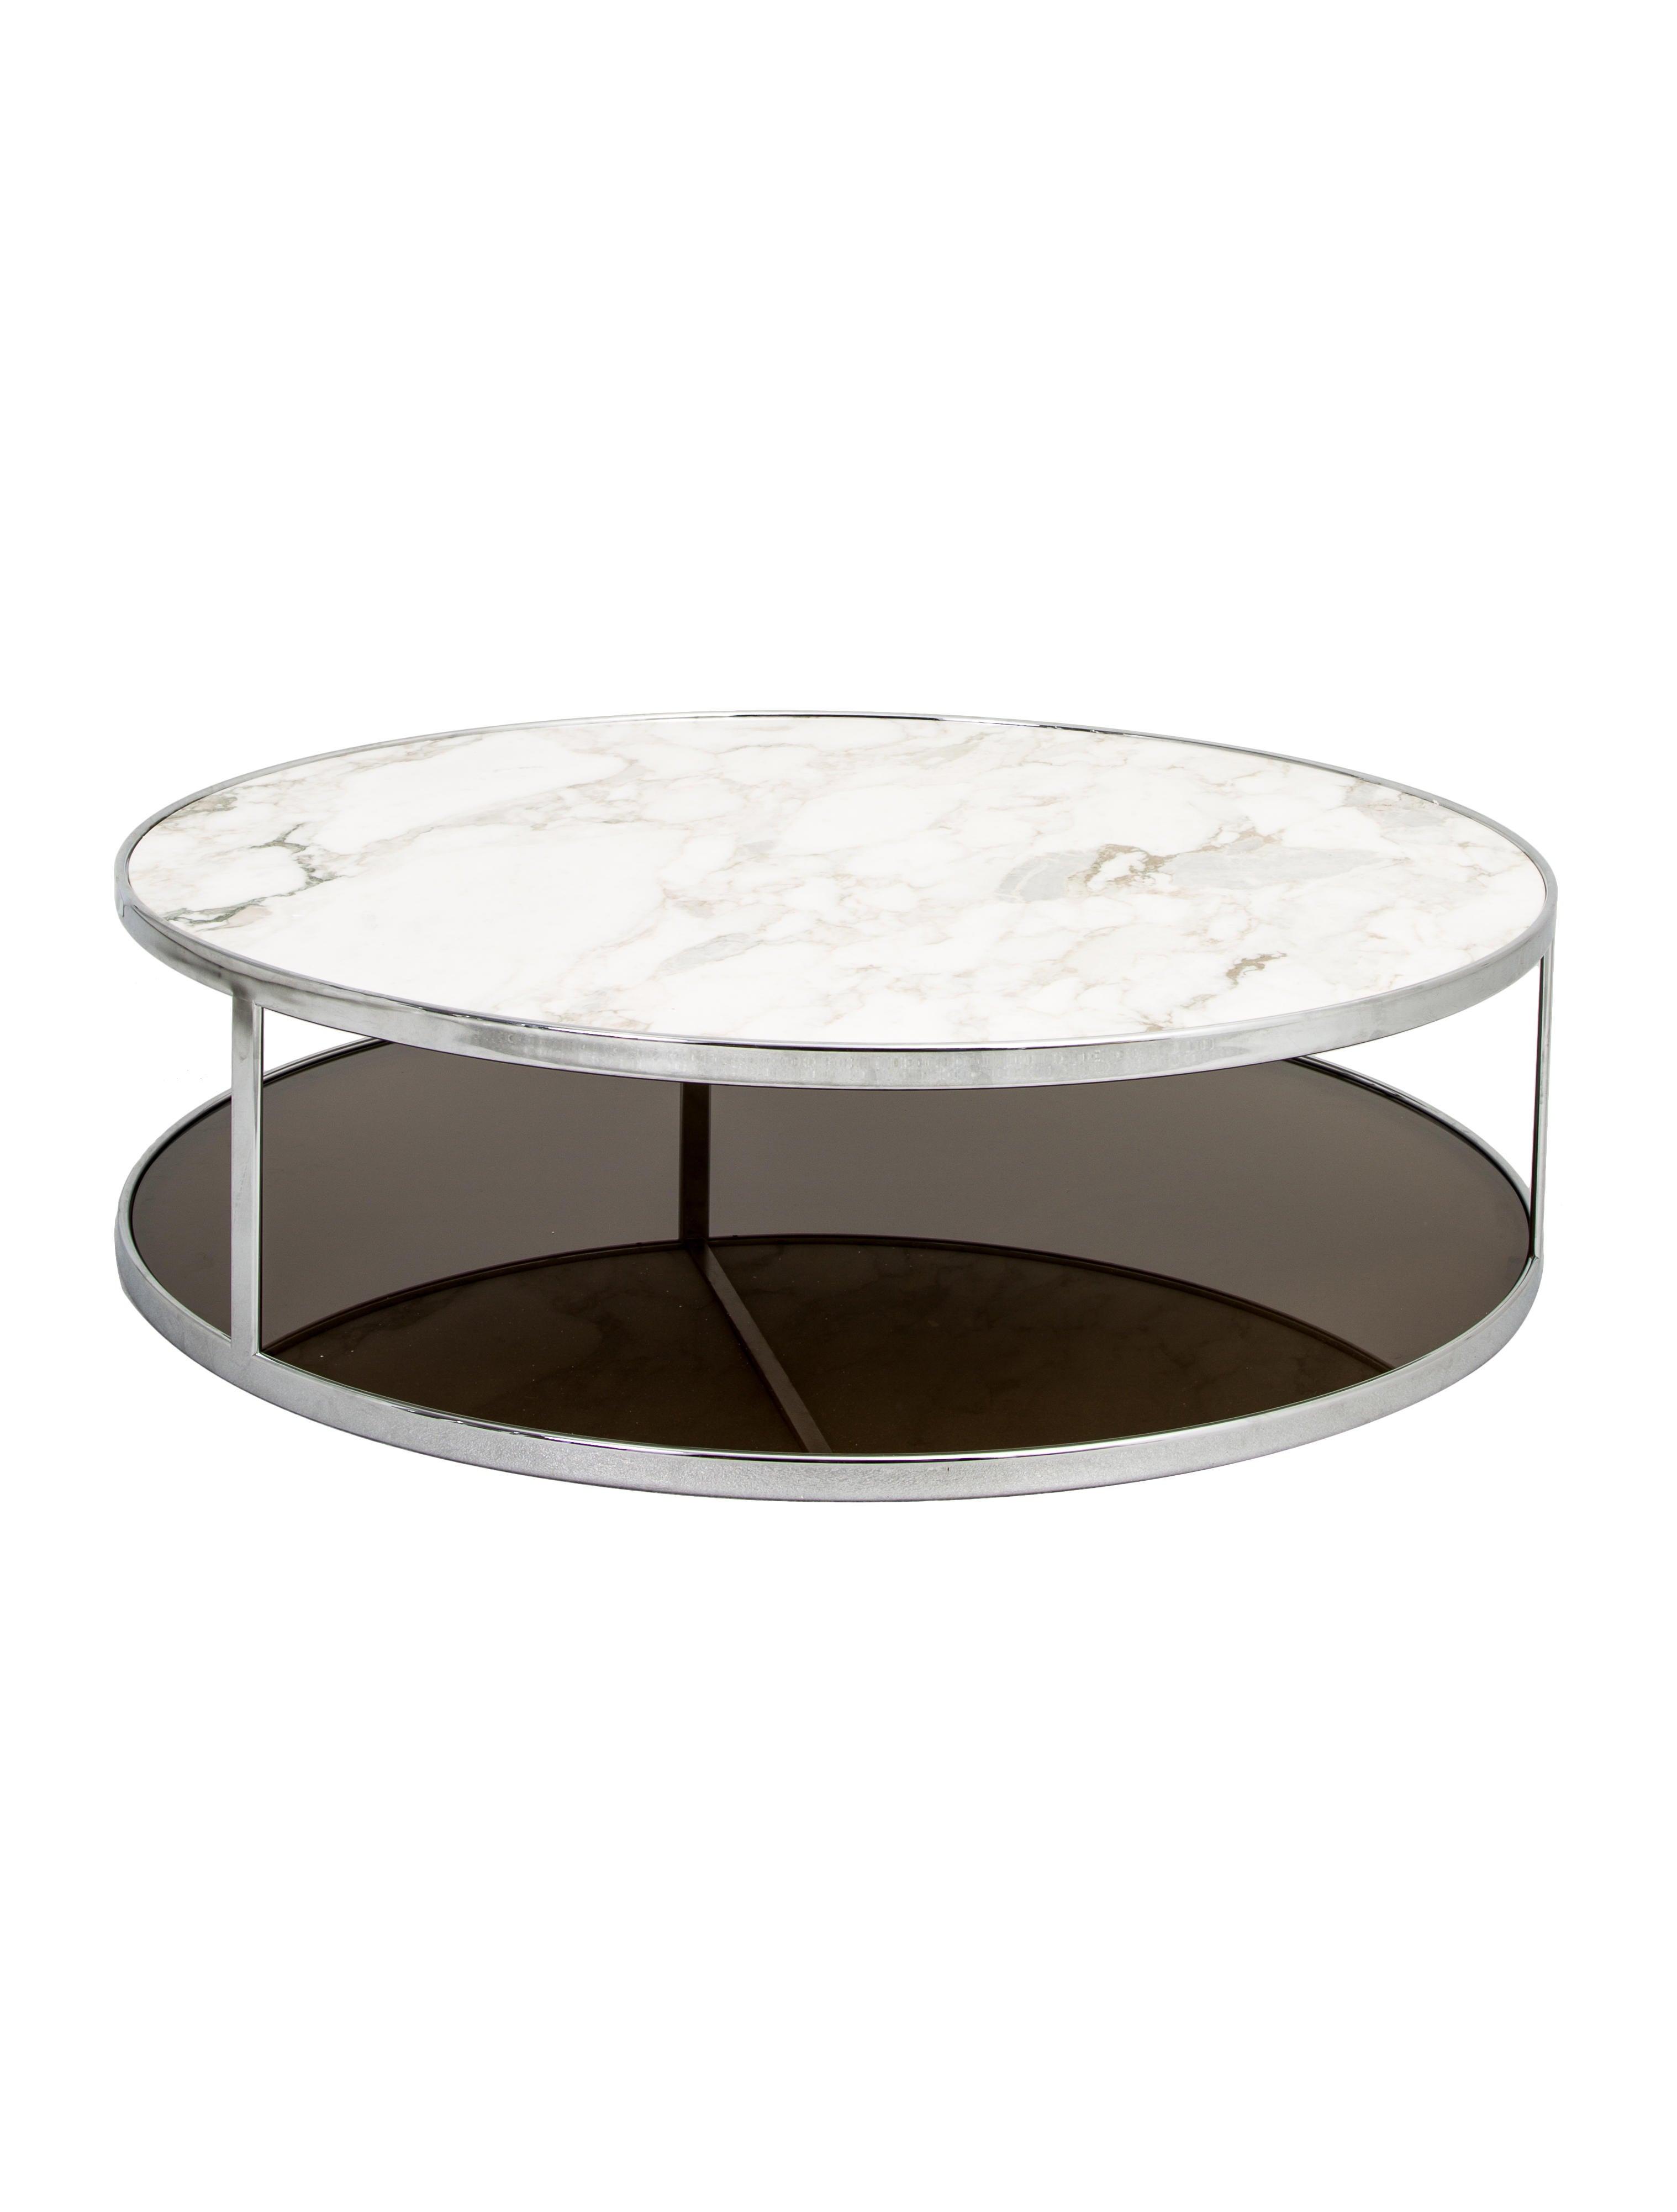 Minotti Huber Coffee Table Furniture MTT